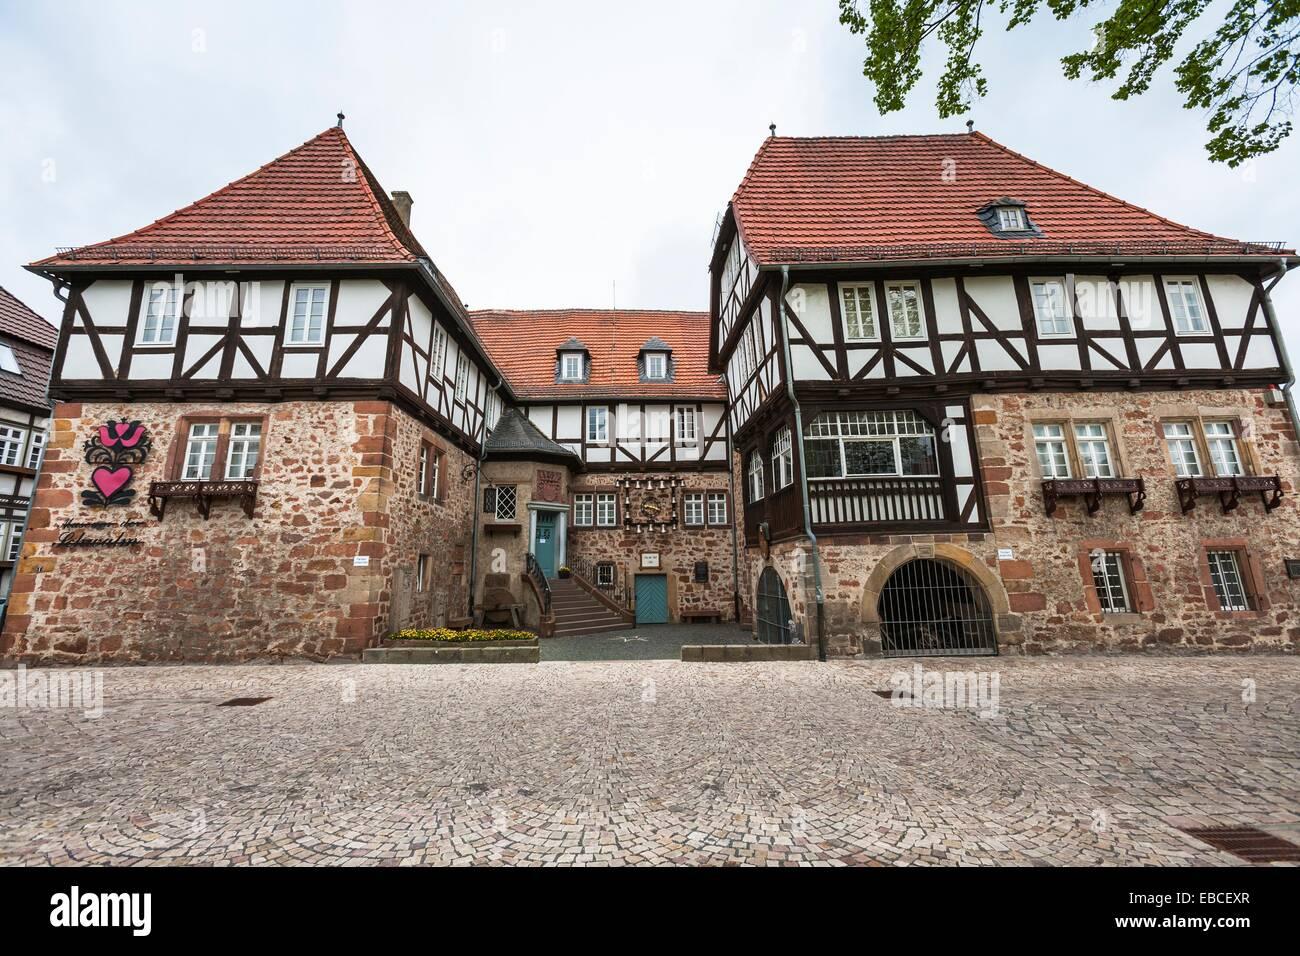 Wasserschloss Burg Ziegenhain Schwalmstadt Hessen